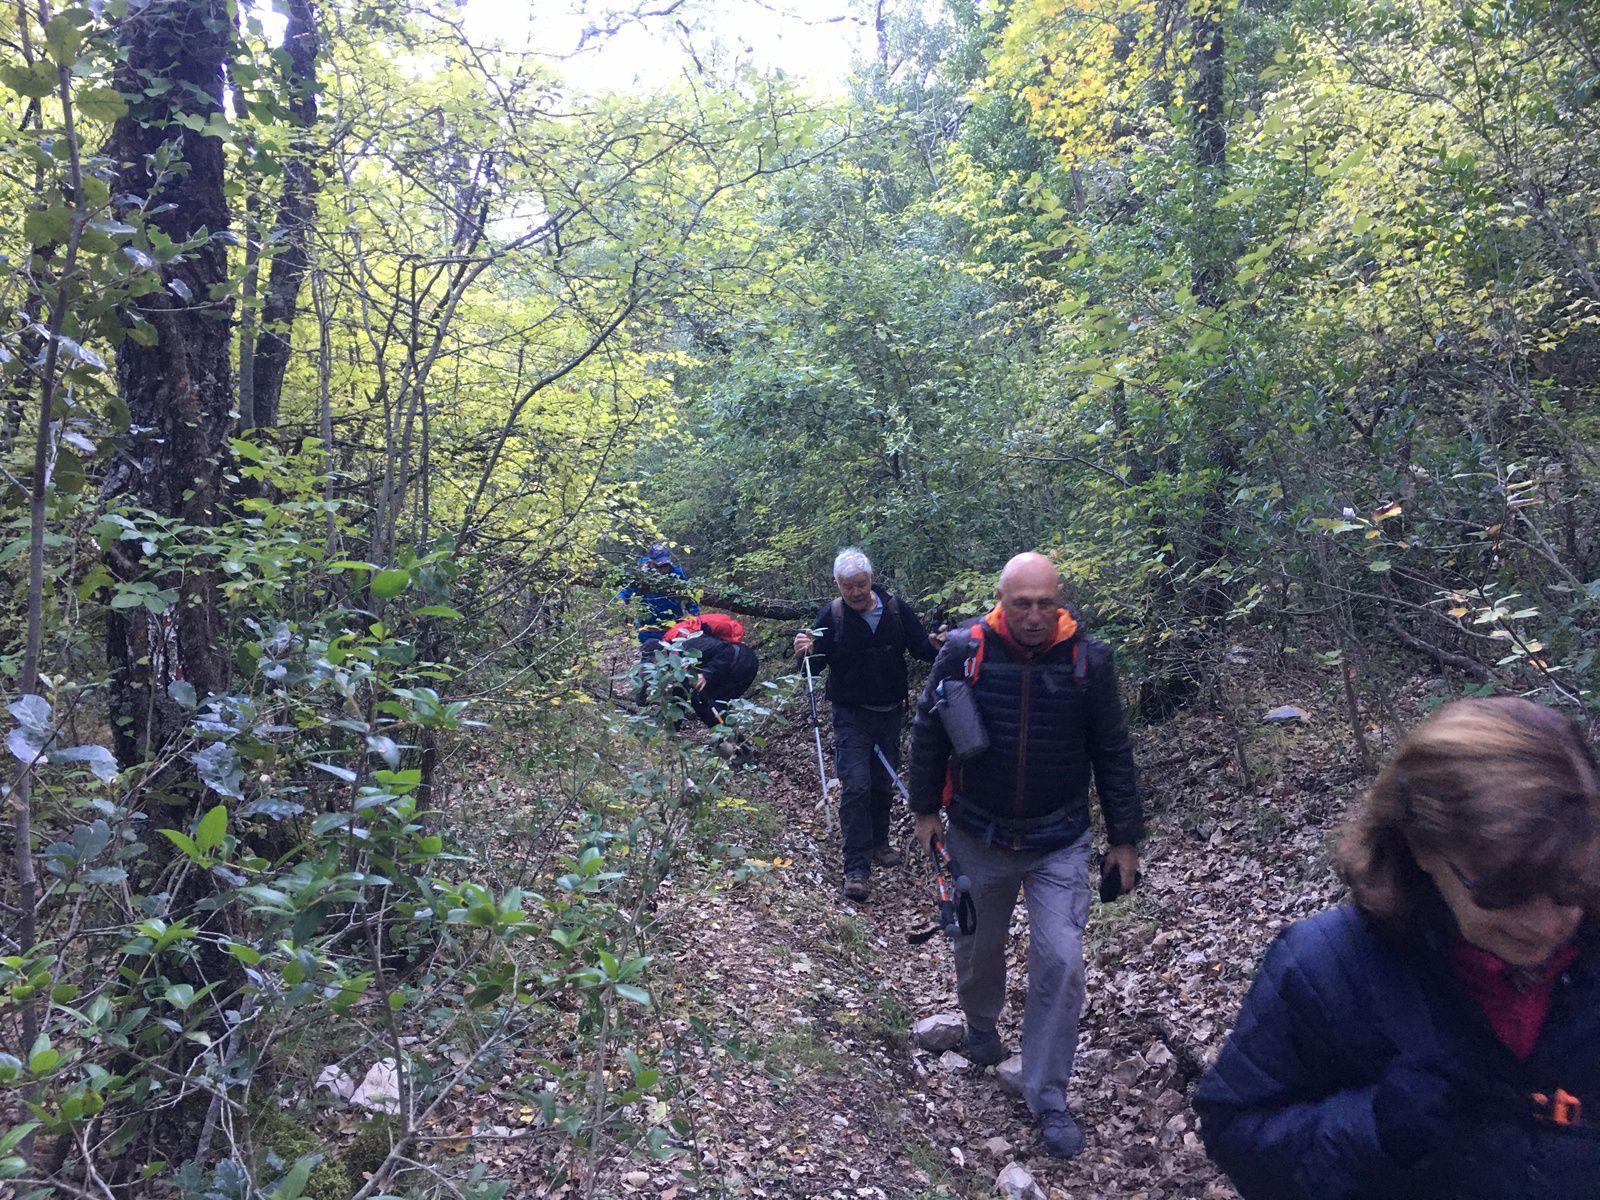 Une belle randonnée et de beaux paysages. Merci Jean-Louis pour cette très agréable journée !